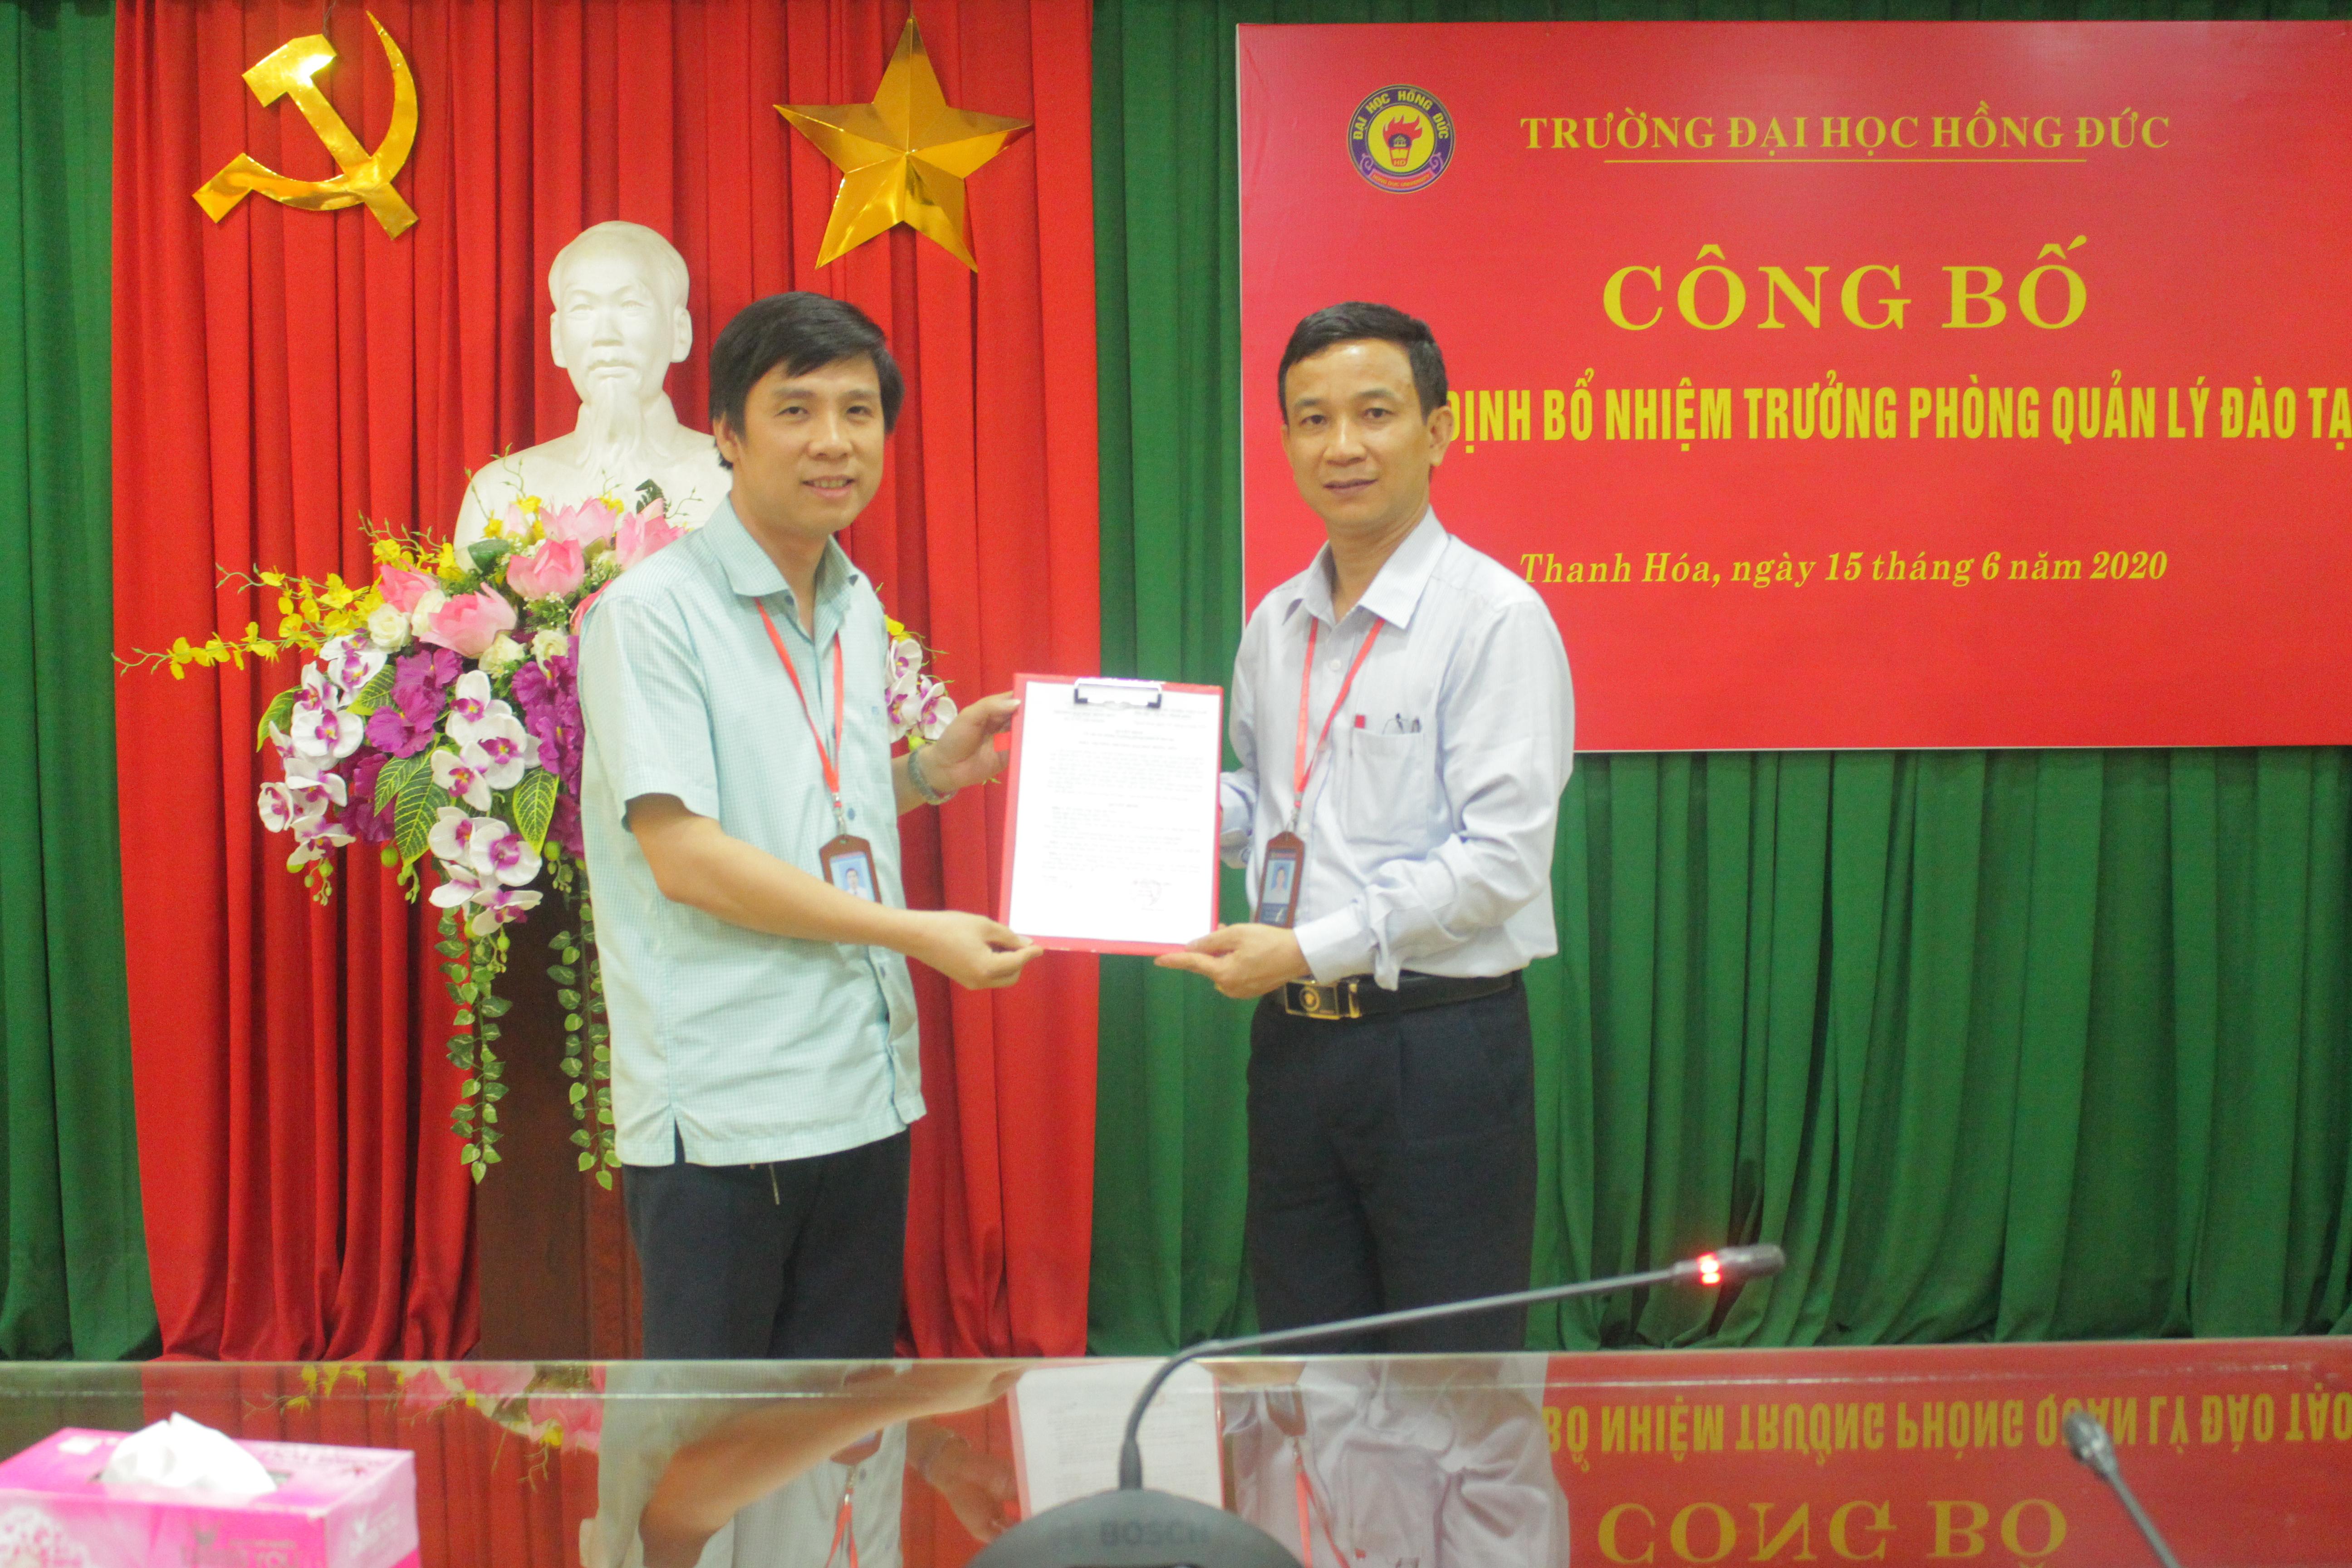 Công bố và trao quyết định bổ nhiệm đồng chí Đậu Bá Thìn giữ chức vụ Trưởng phòng QLĐT nhiệm kỳ 2020-2025